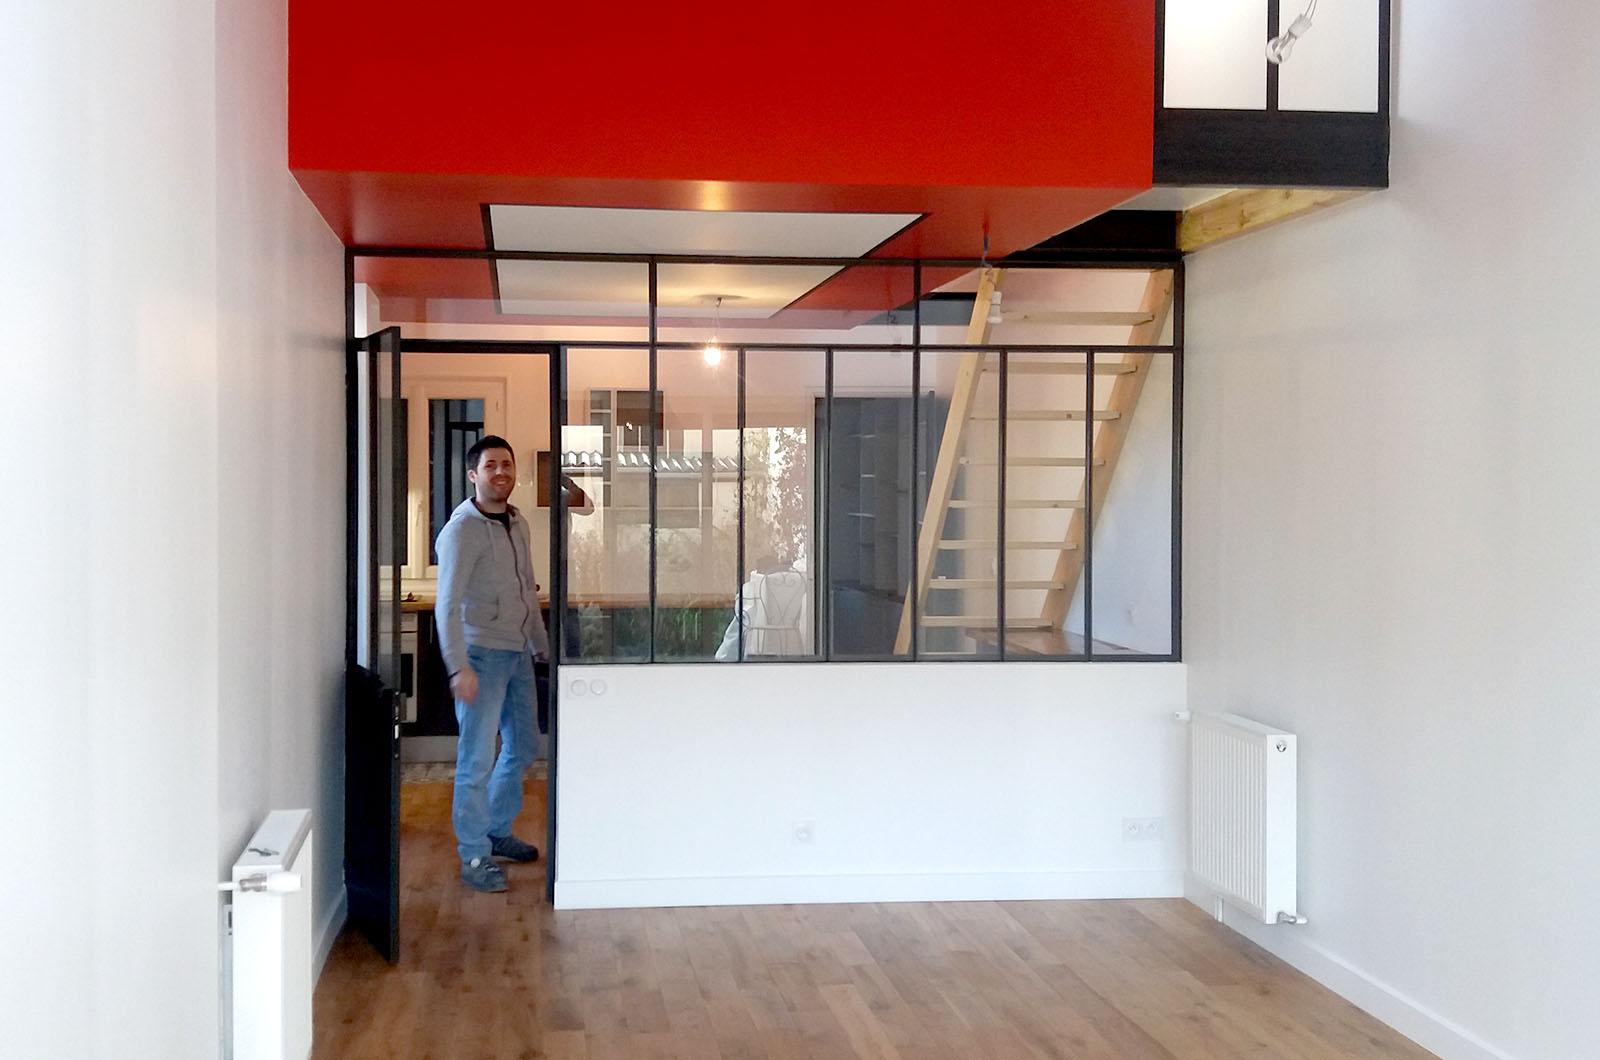 agrandir l'espace création d'une chambre suspendue avec verrière et porte atelier artiste